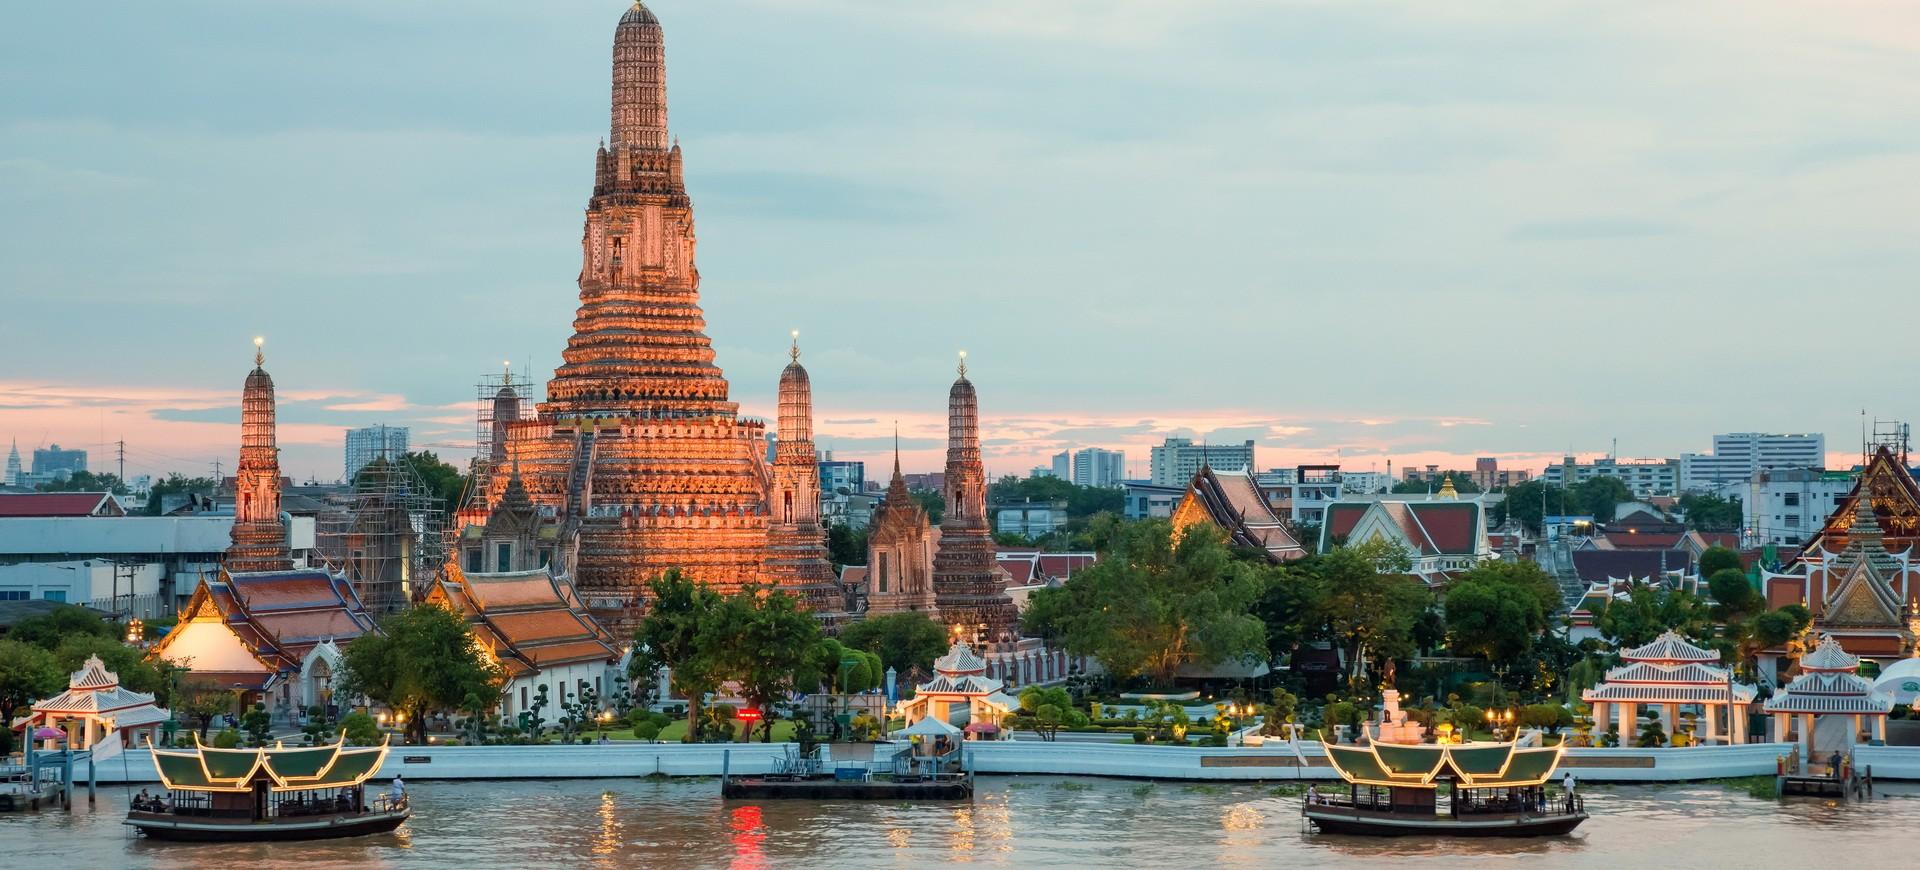 Wat Arun et croisière sur la rivière à Bangkok en Thailande